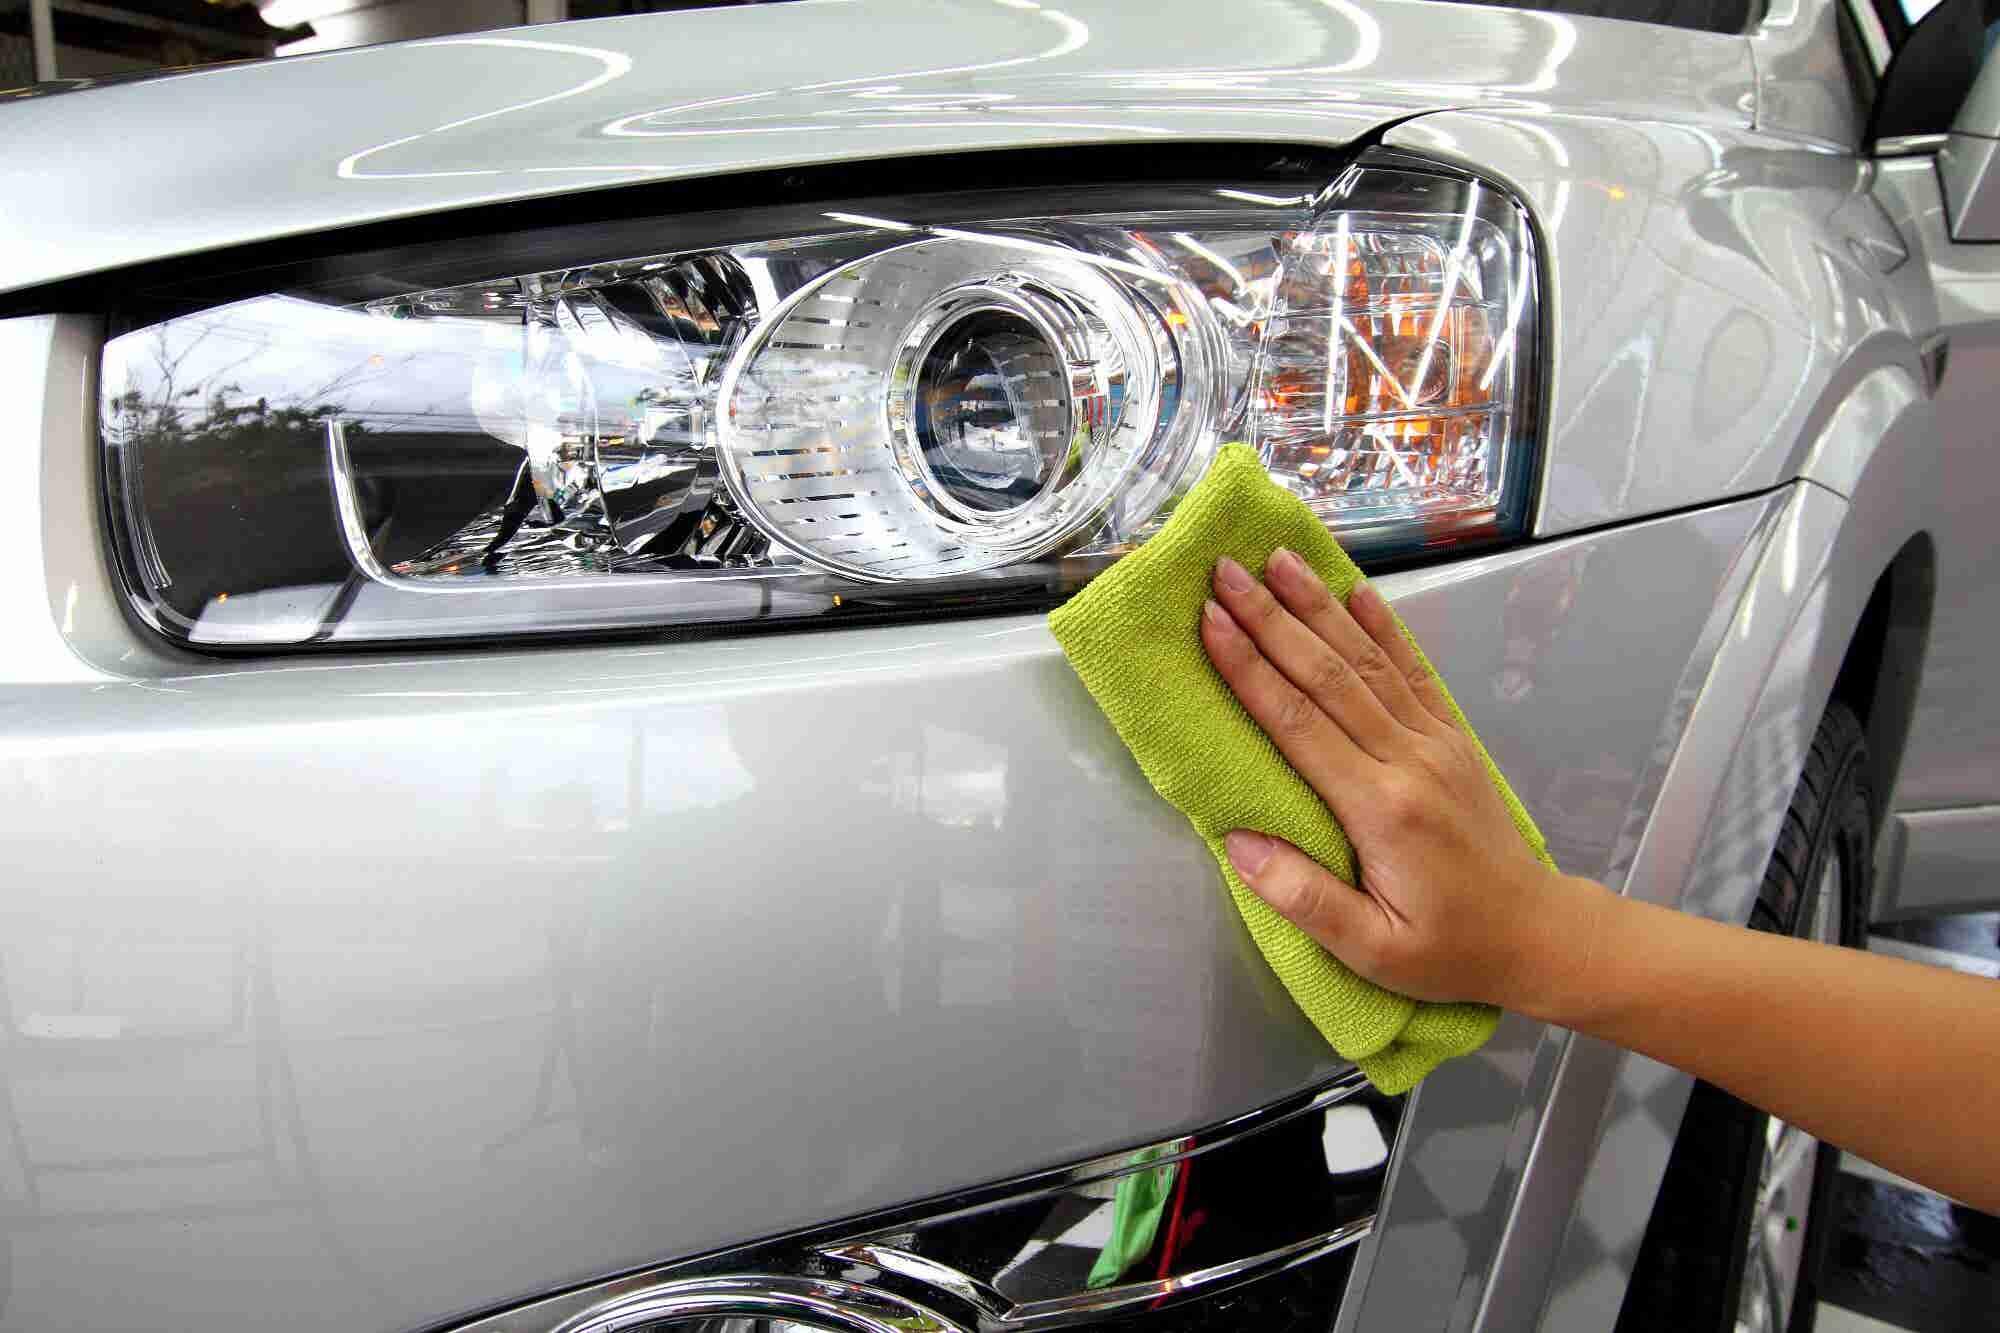 Loops: la app mexicana que lava tu auto sin necesidad de utilizar agua